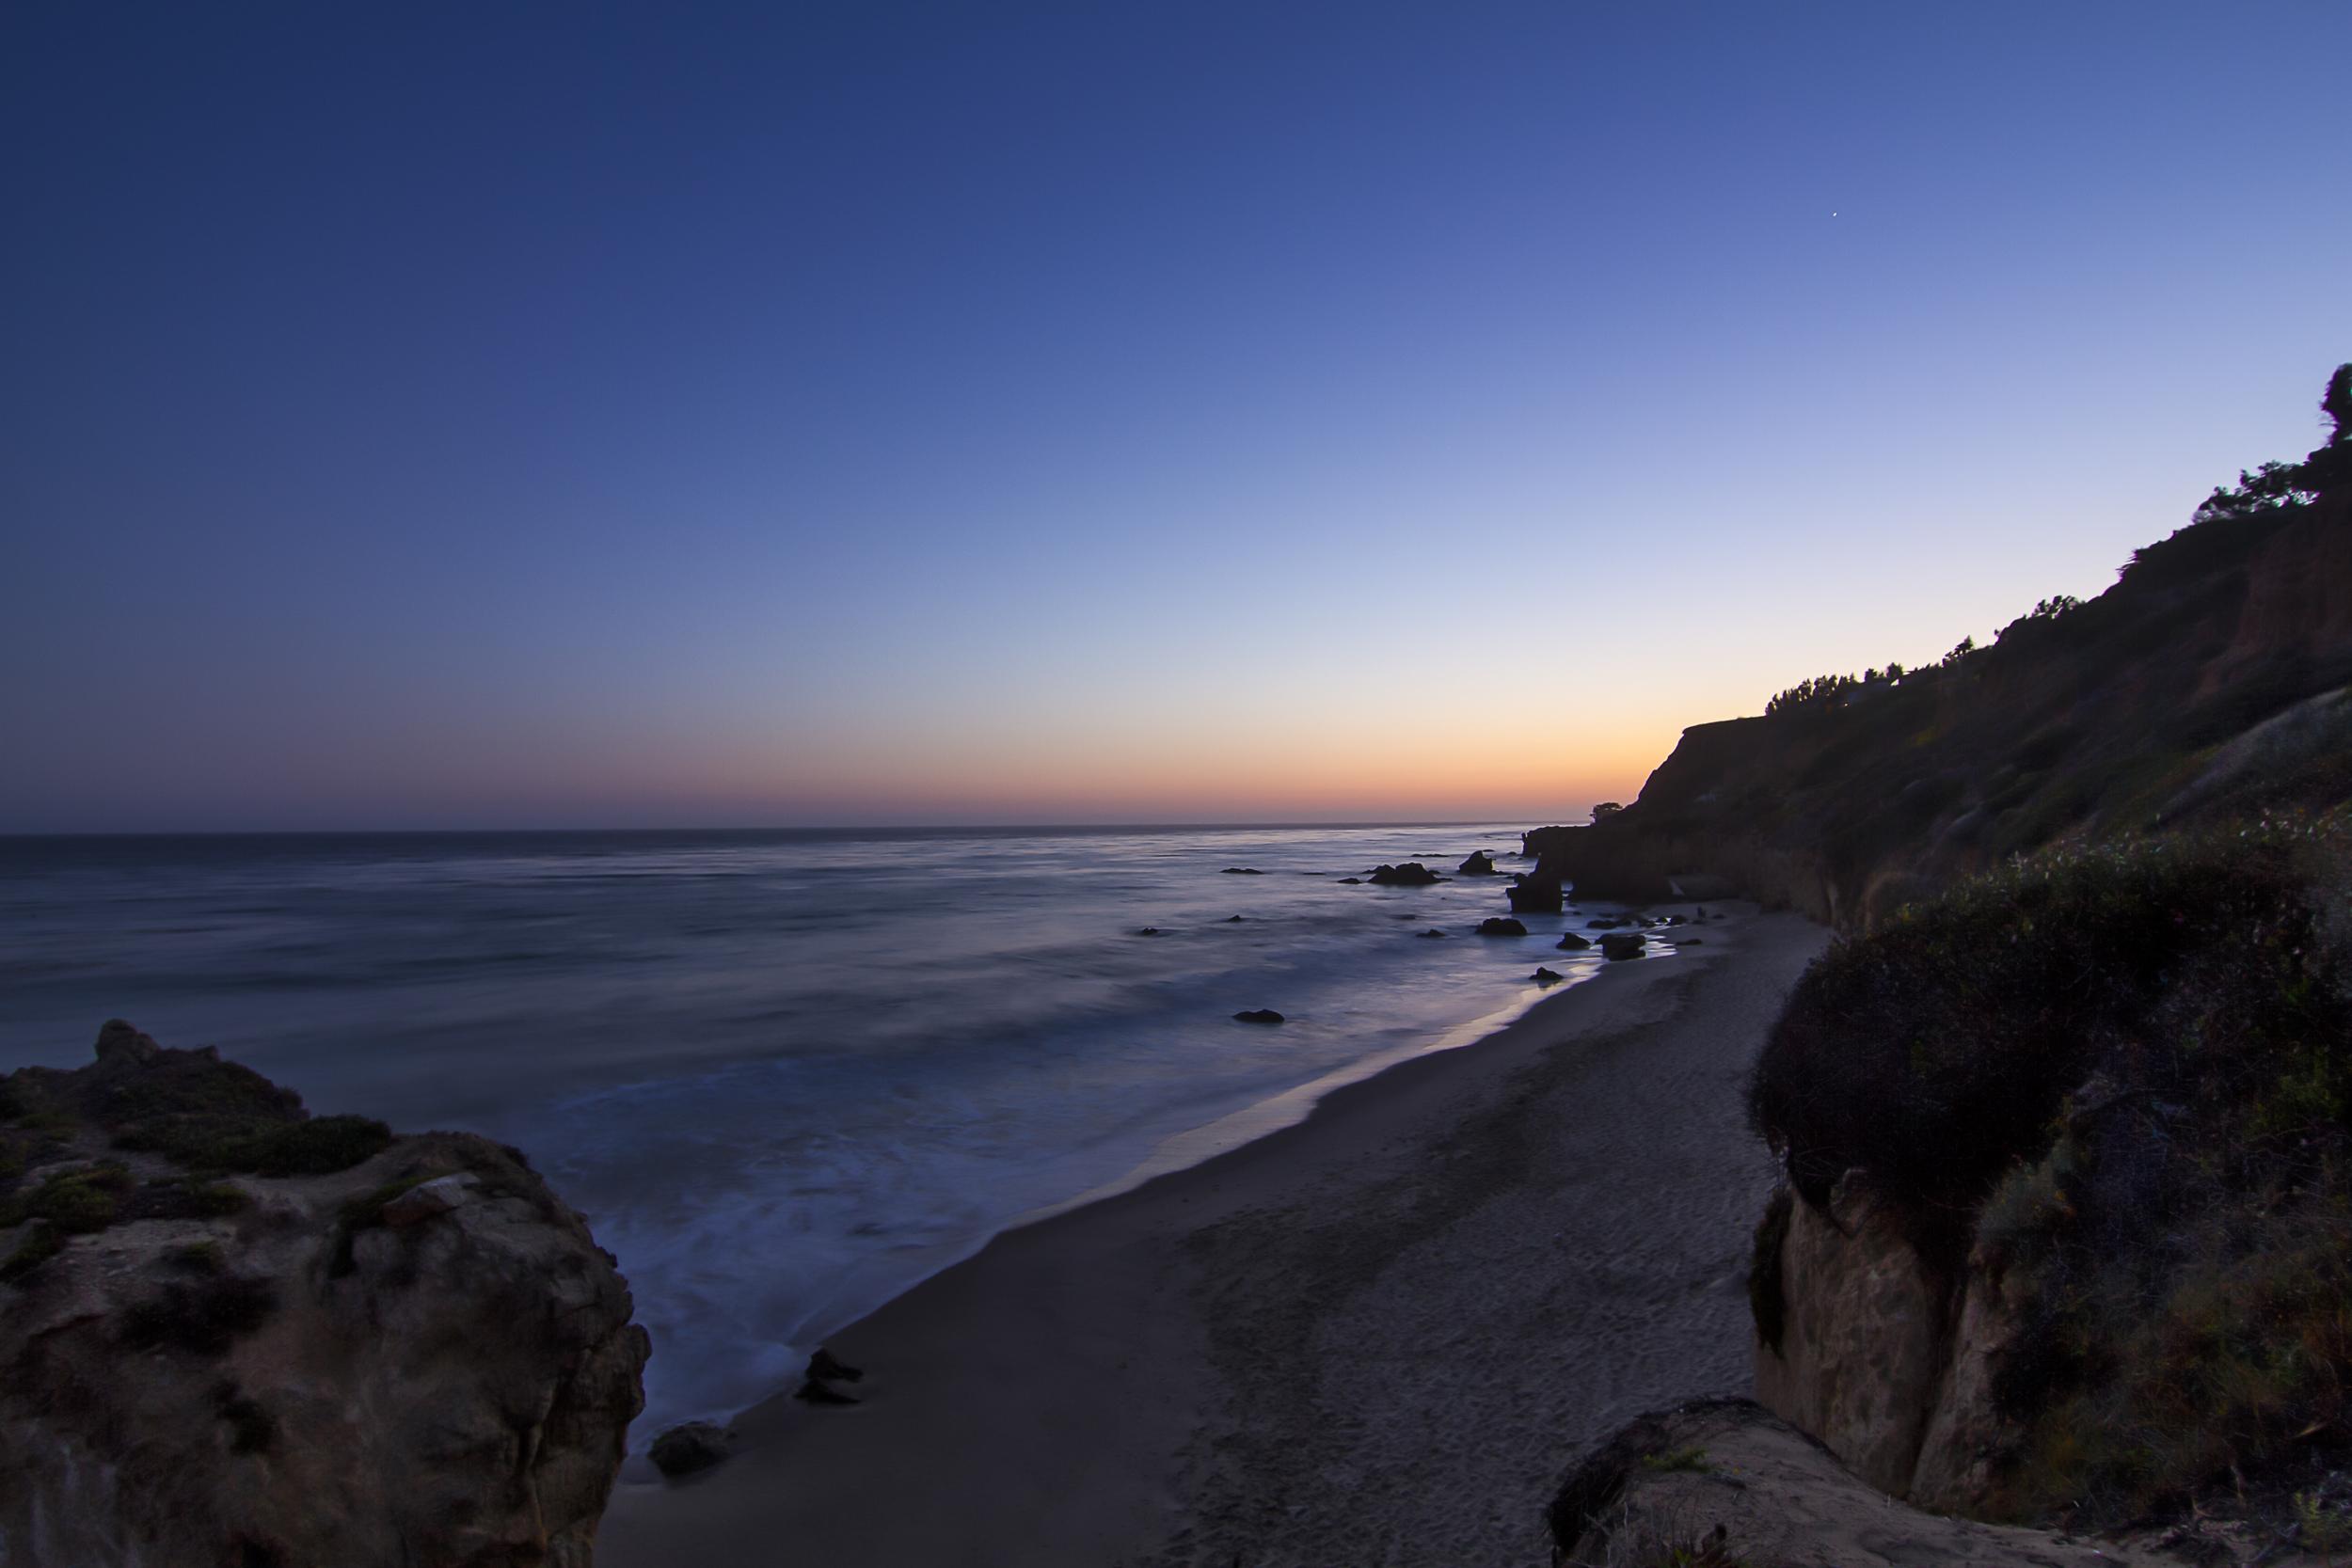 El Matador Beach at Dusk as Smart Object-1.jpg